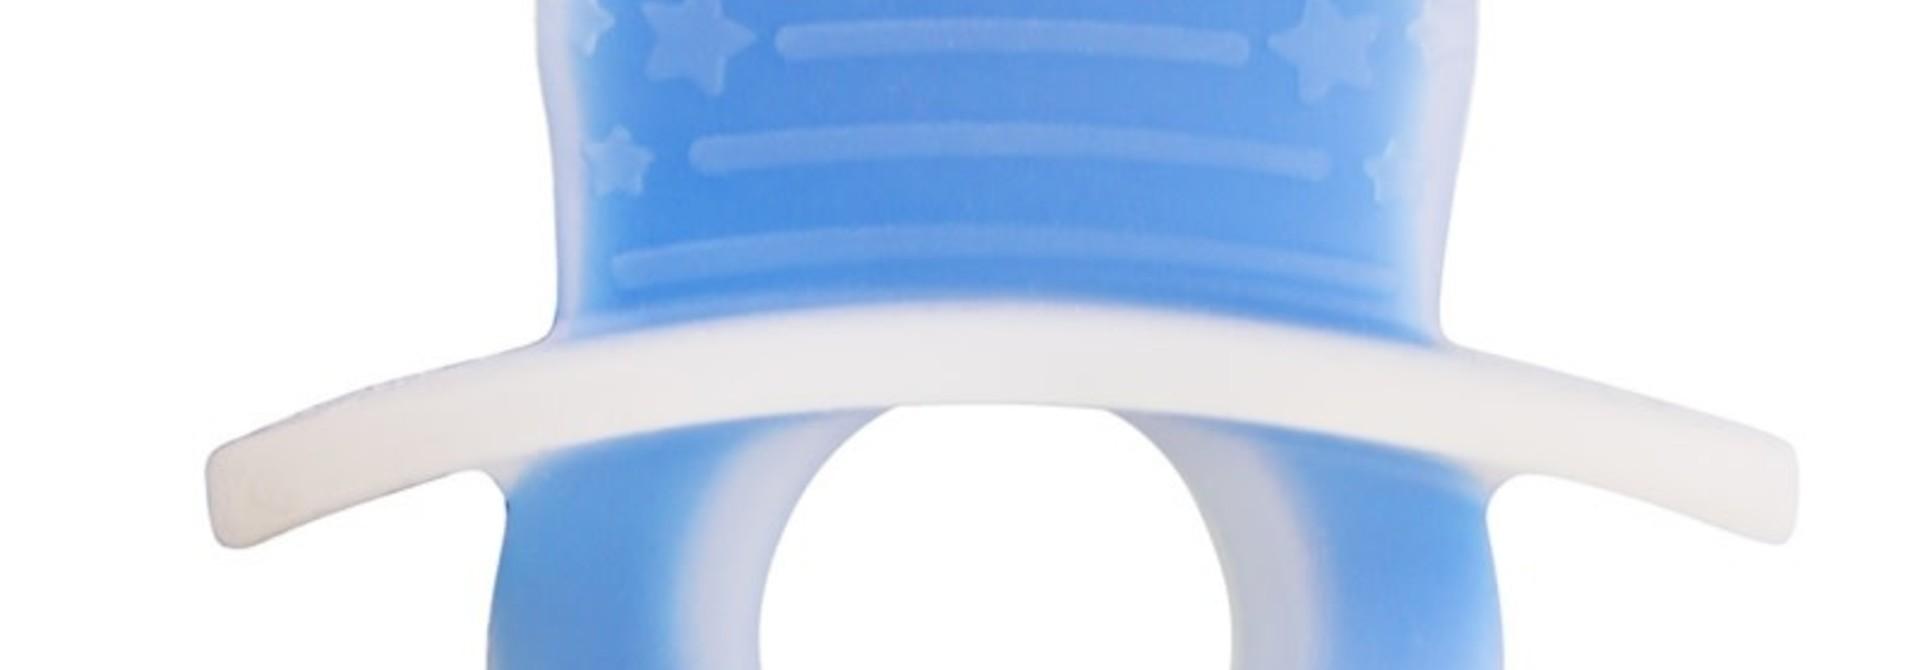 Jouet de dentition - Suce bleu